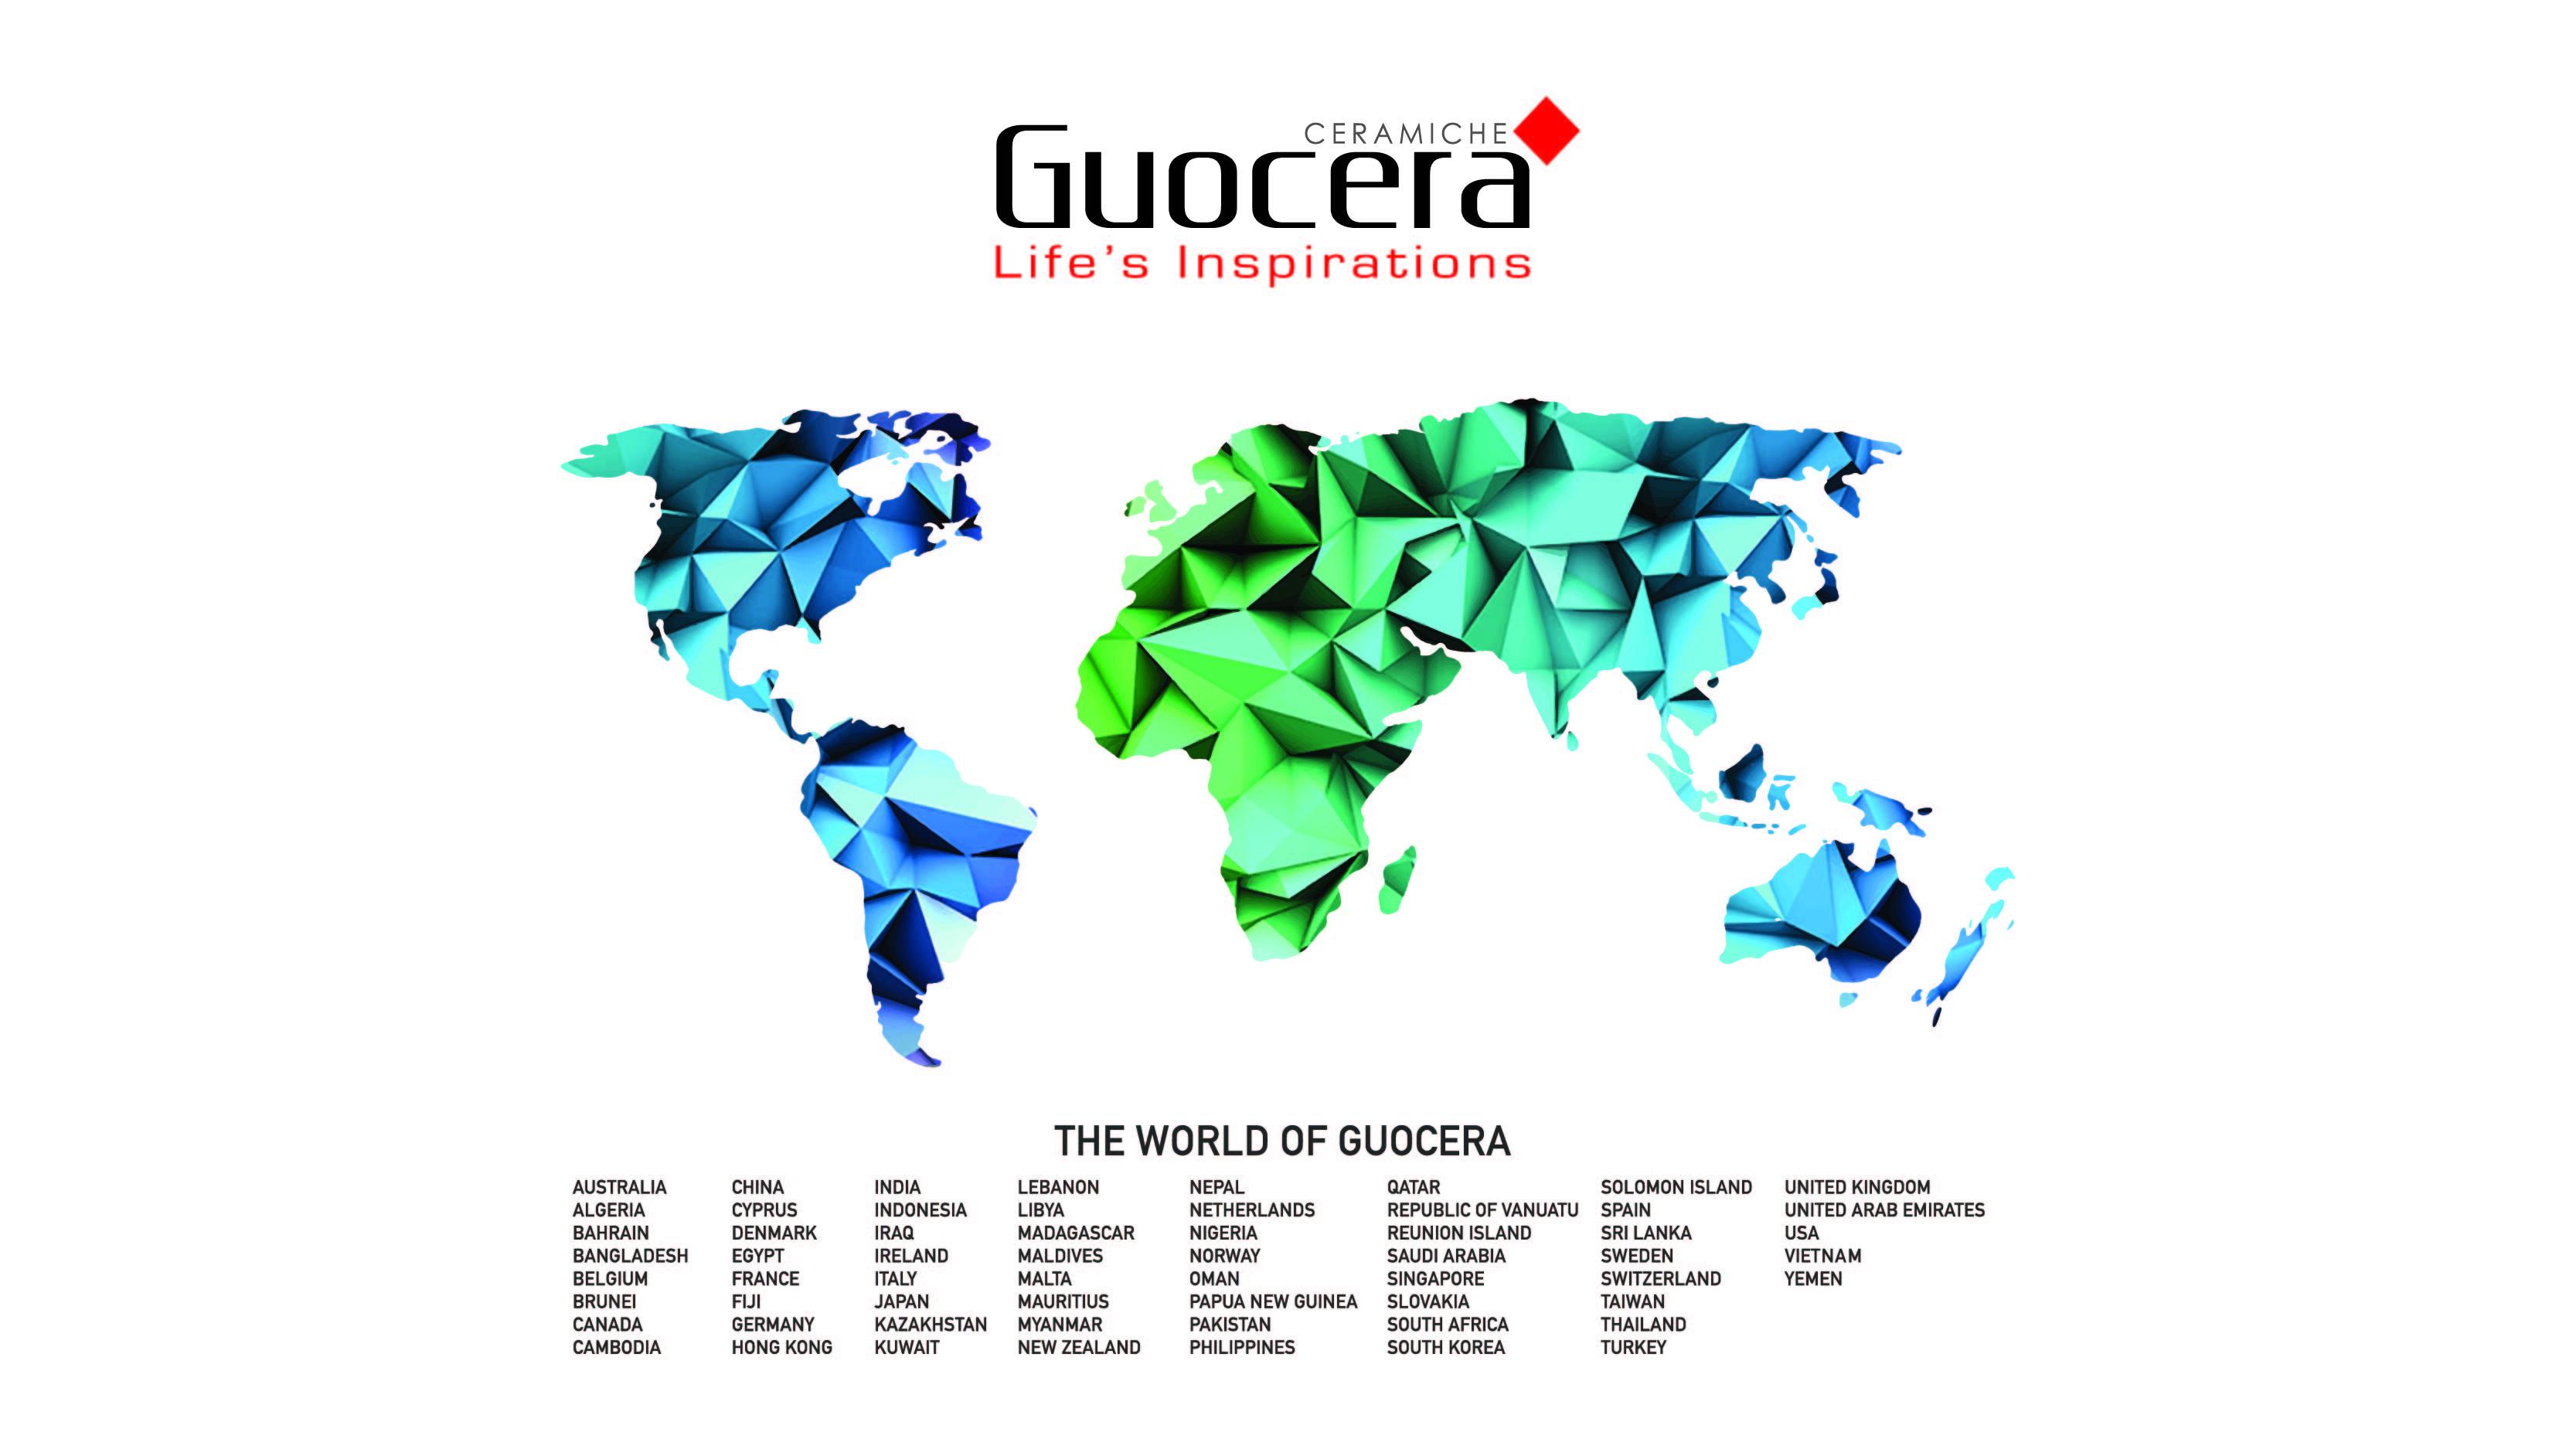 Nigeria to export ceramic tiles official premium times nigeria - International Export Countries Guocera